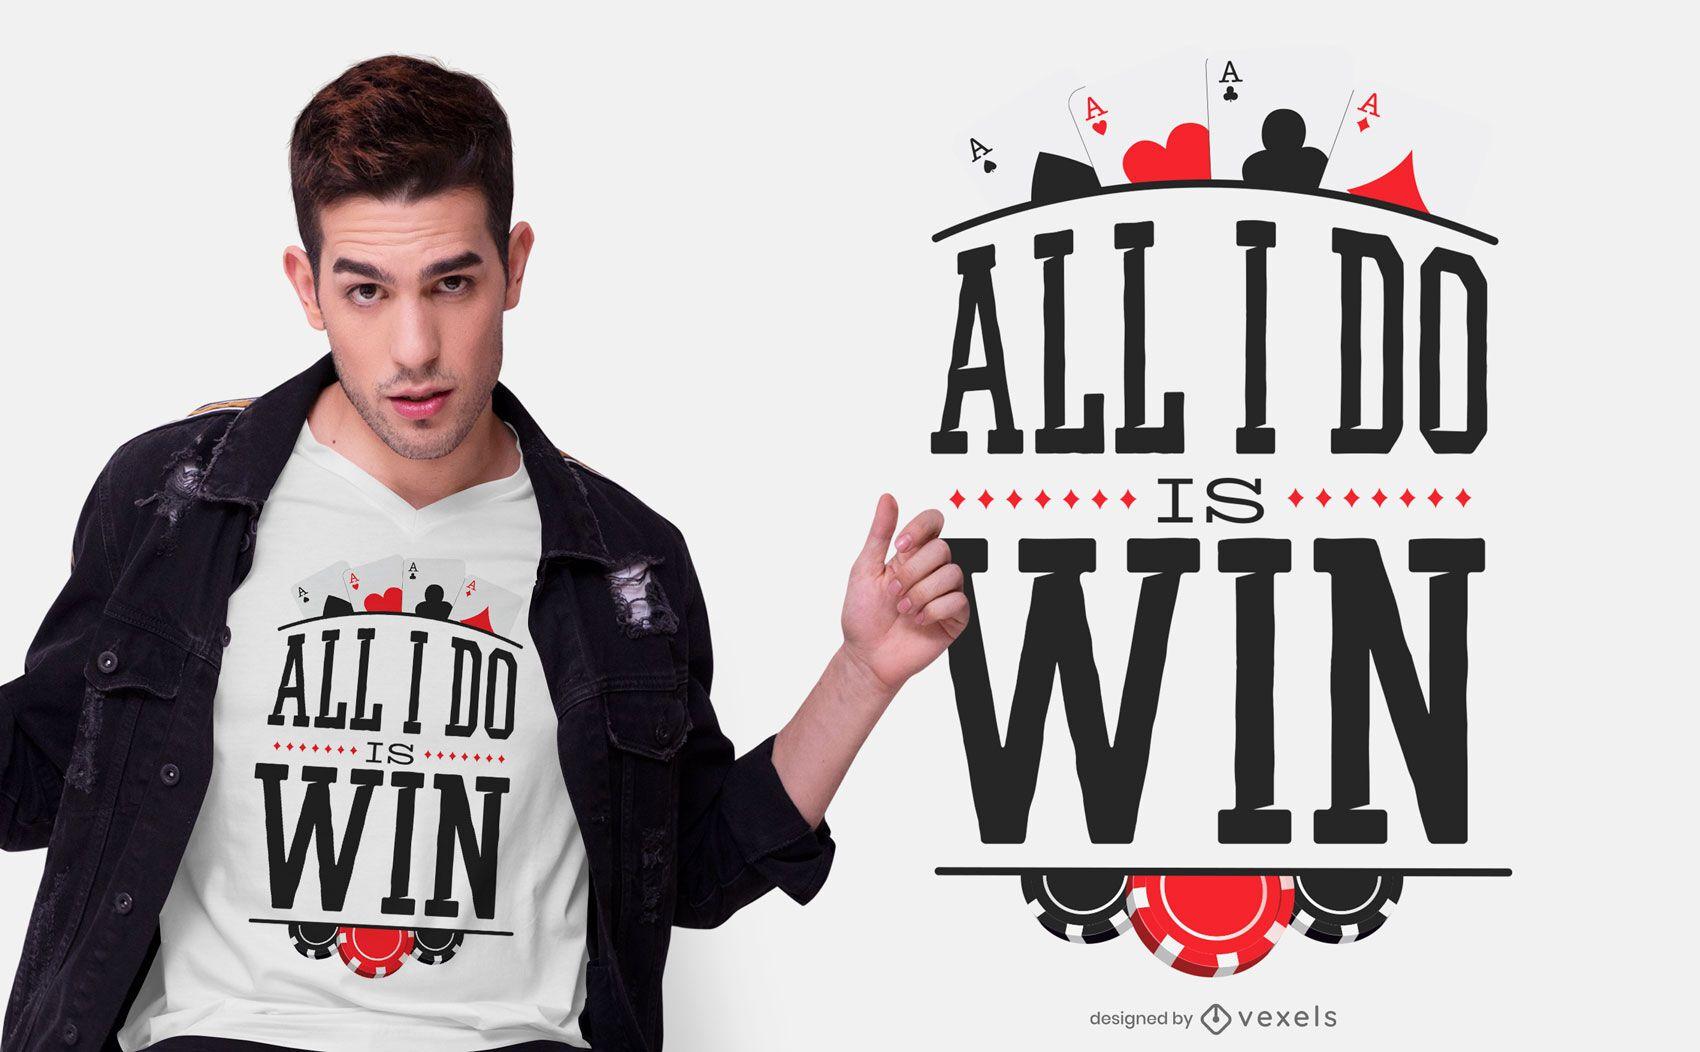 Tudo que eu faço é ganhar o design da camiseta